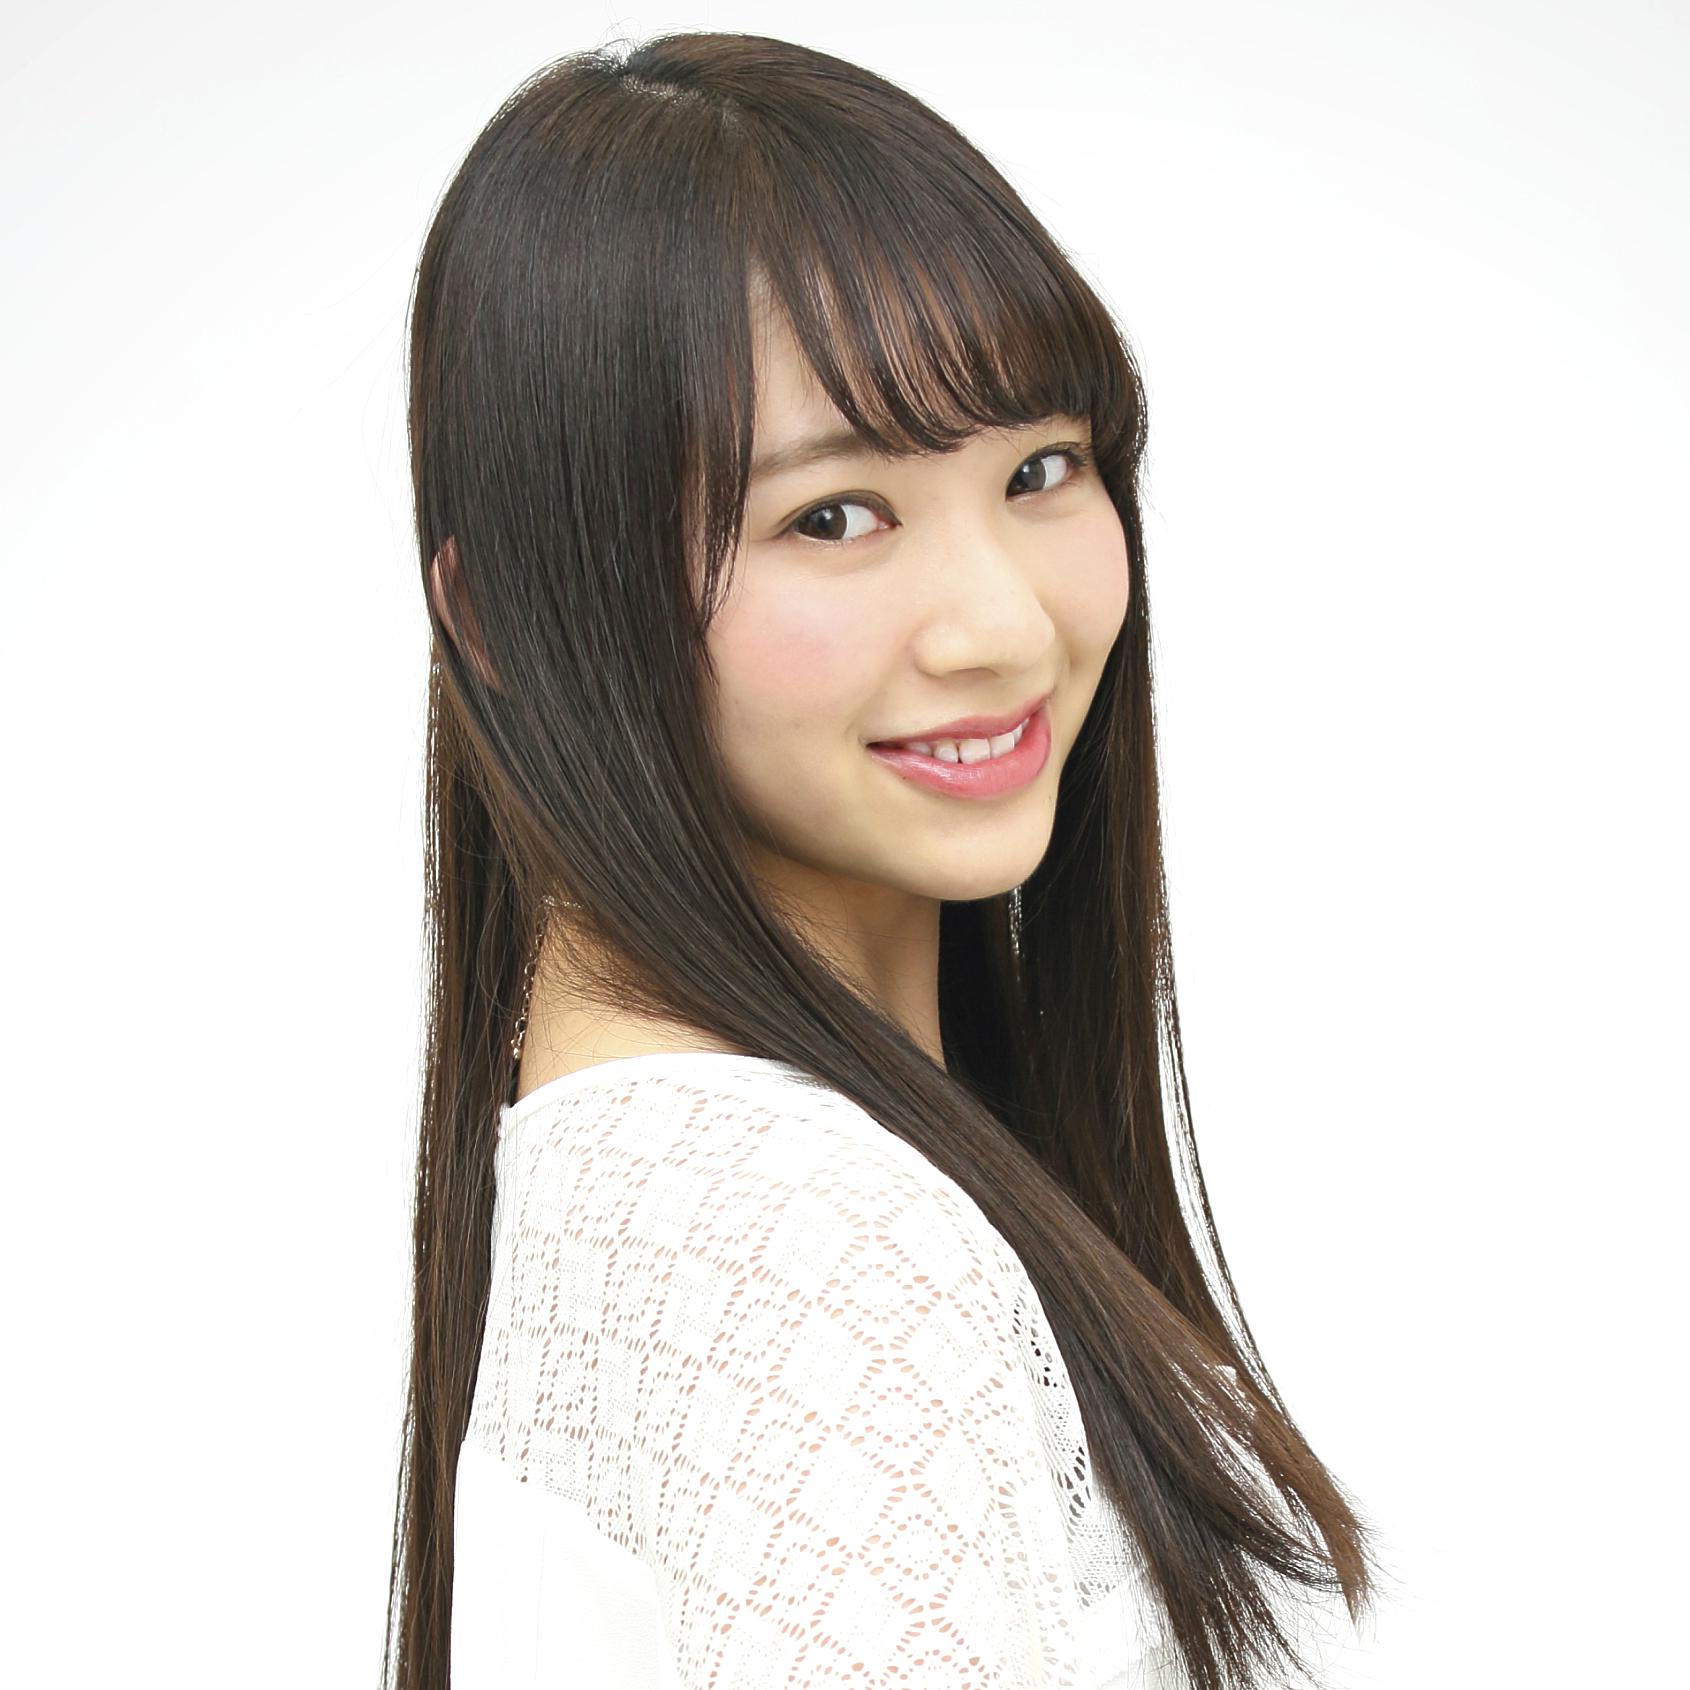 欅坂46メンバーが語る!「なんでもBEST3」<br />第5回 佐藤詩織さんの『尊敬するアーティストBEST3』